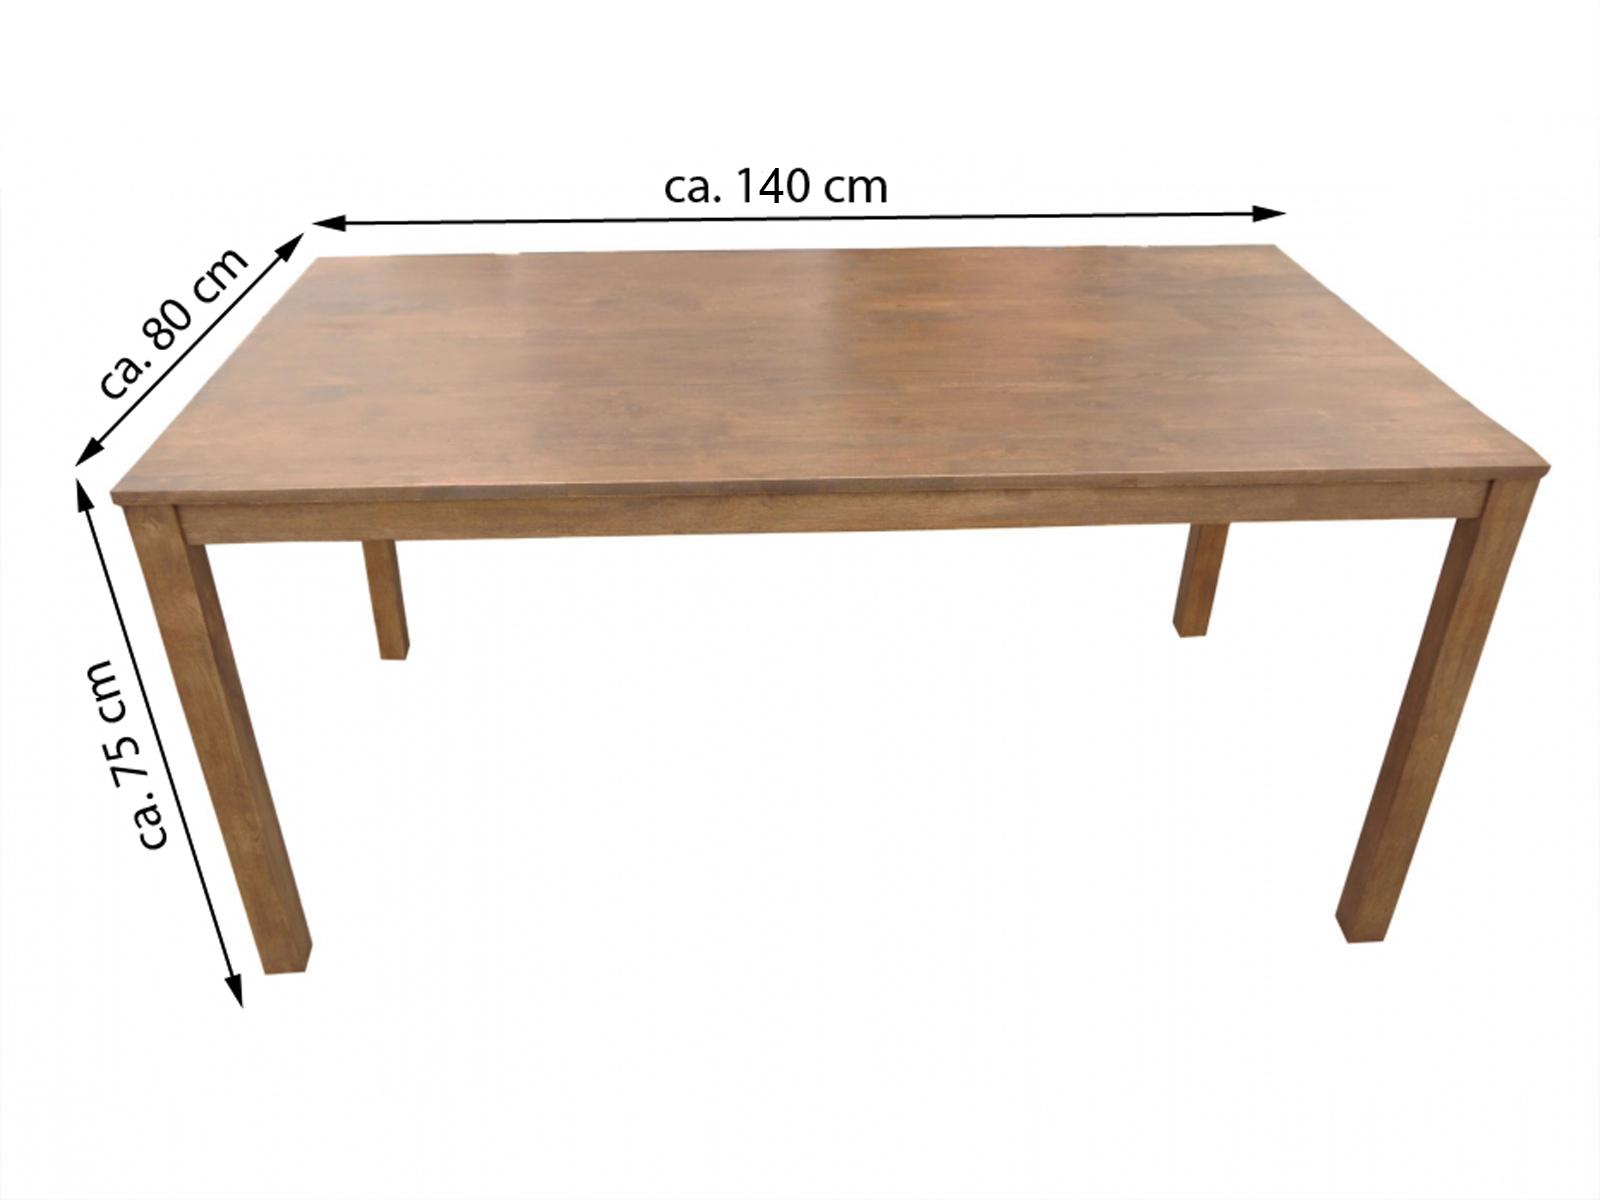 sale esstisch massivholztisch 140 x 80 cm akazie nussbaum tom ii. Black Bedroom Furniture Sets. Home Design Ideas